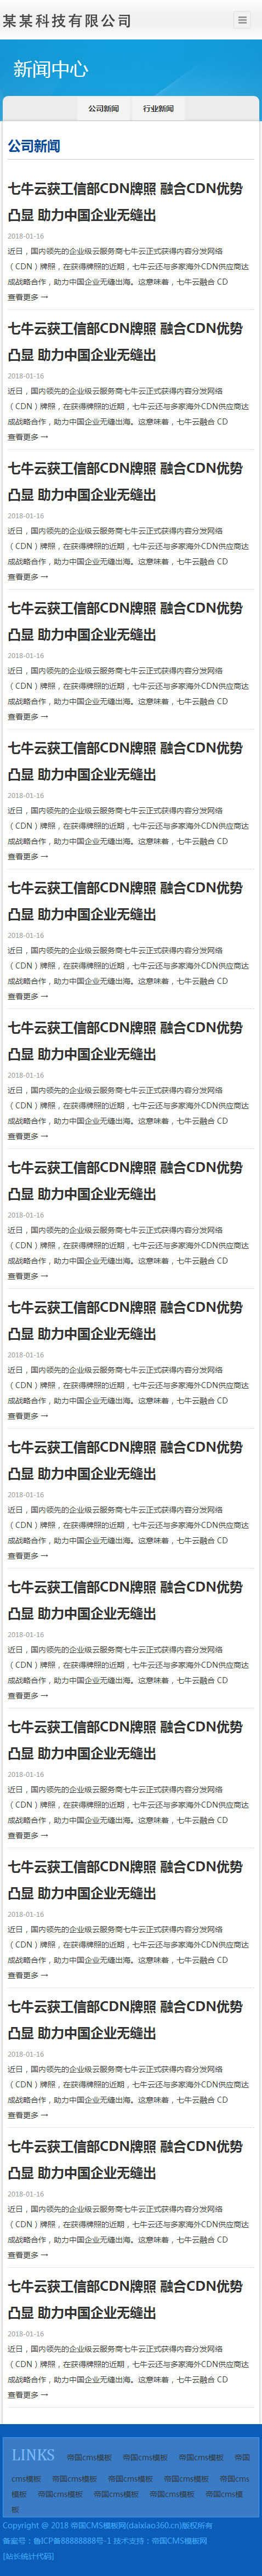 蓝色帝国cms企业模板自适应响应式企业通用类网站模板_手机版文章列表